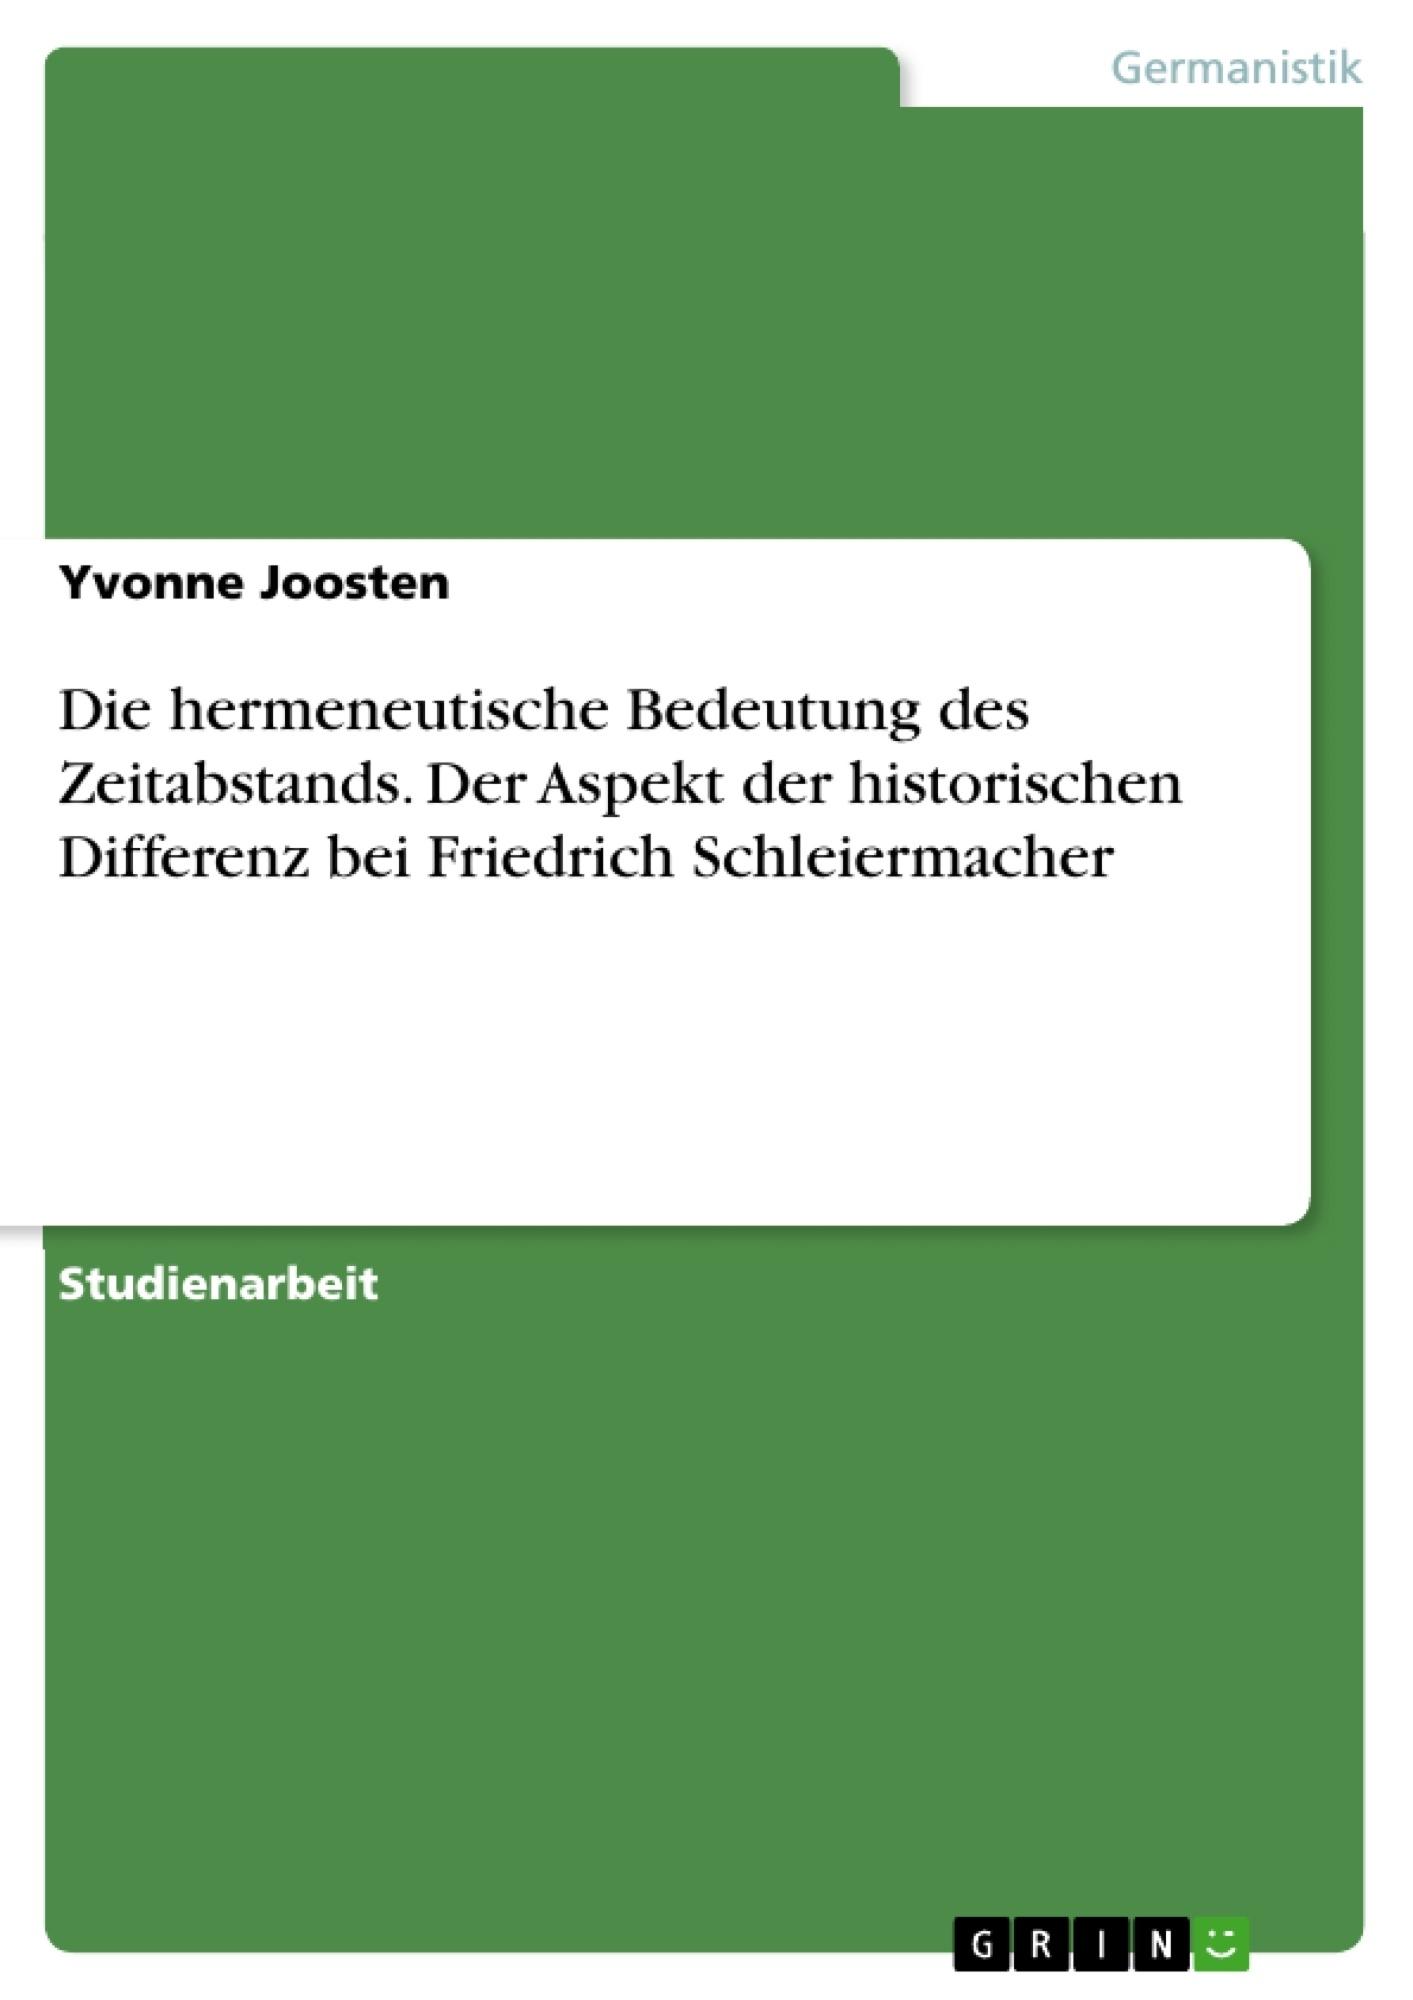 Titel: Die hermeneutische Bedeutung des Zeitabstands. Der Aspekt der historischen Differenz bei Friedrich Schleiermacher